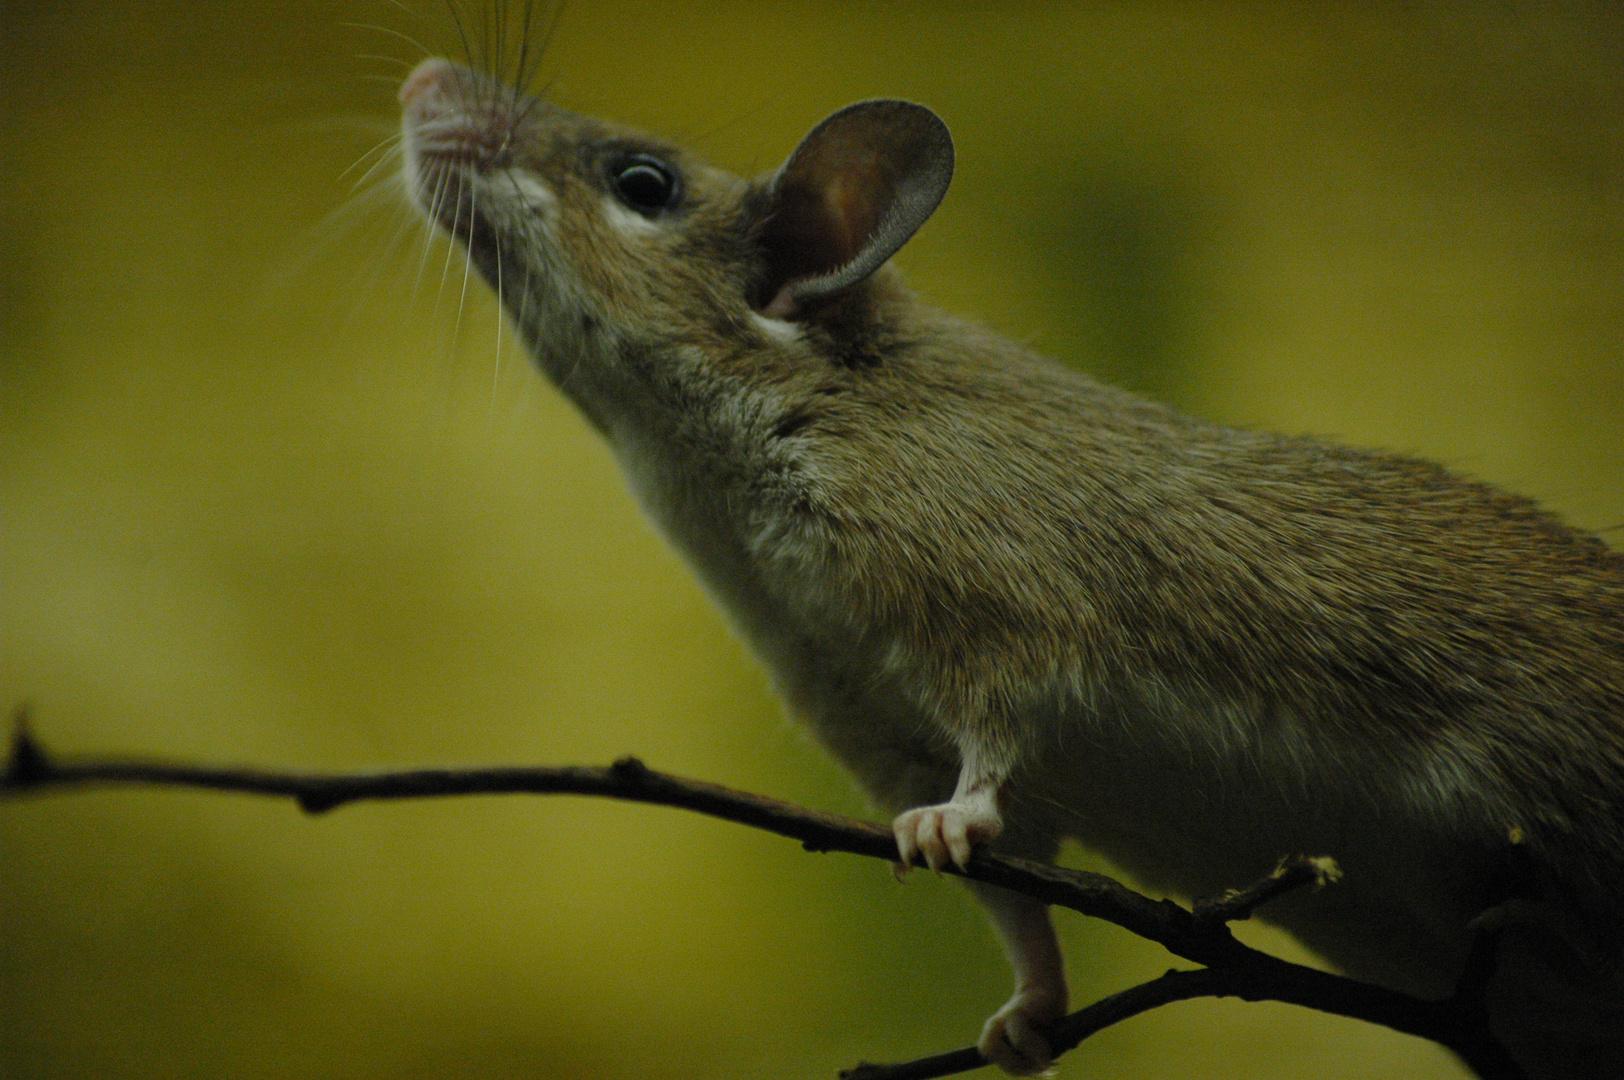 Maus im Zoo